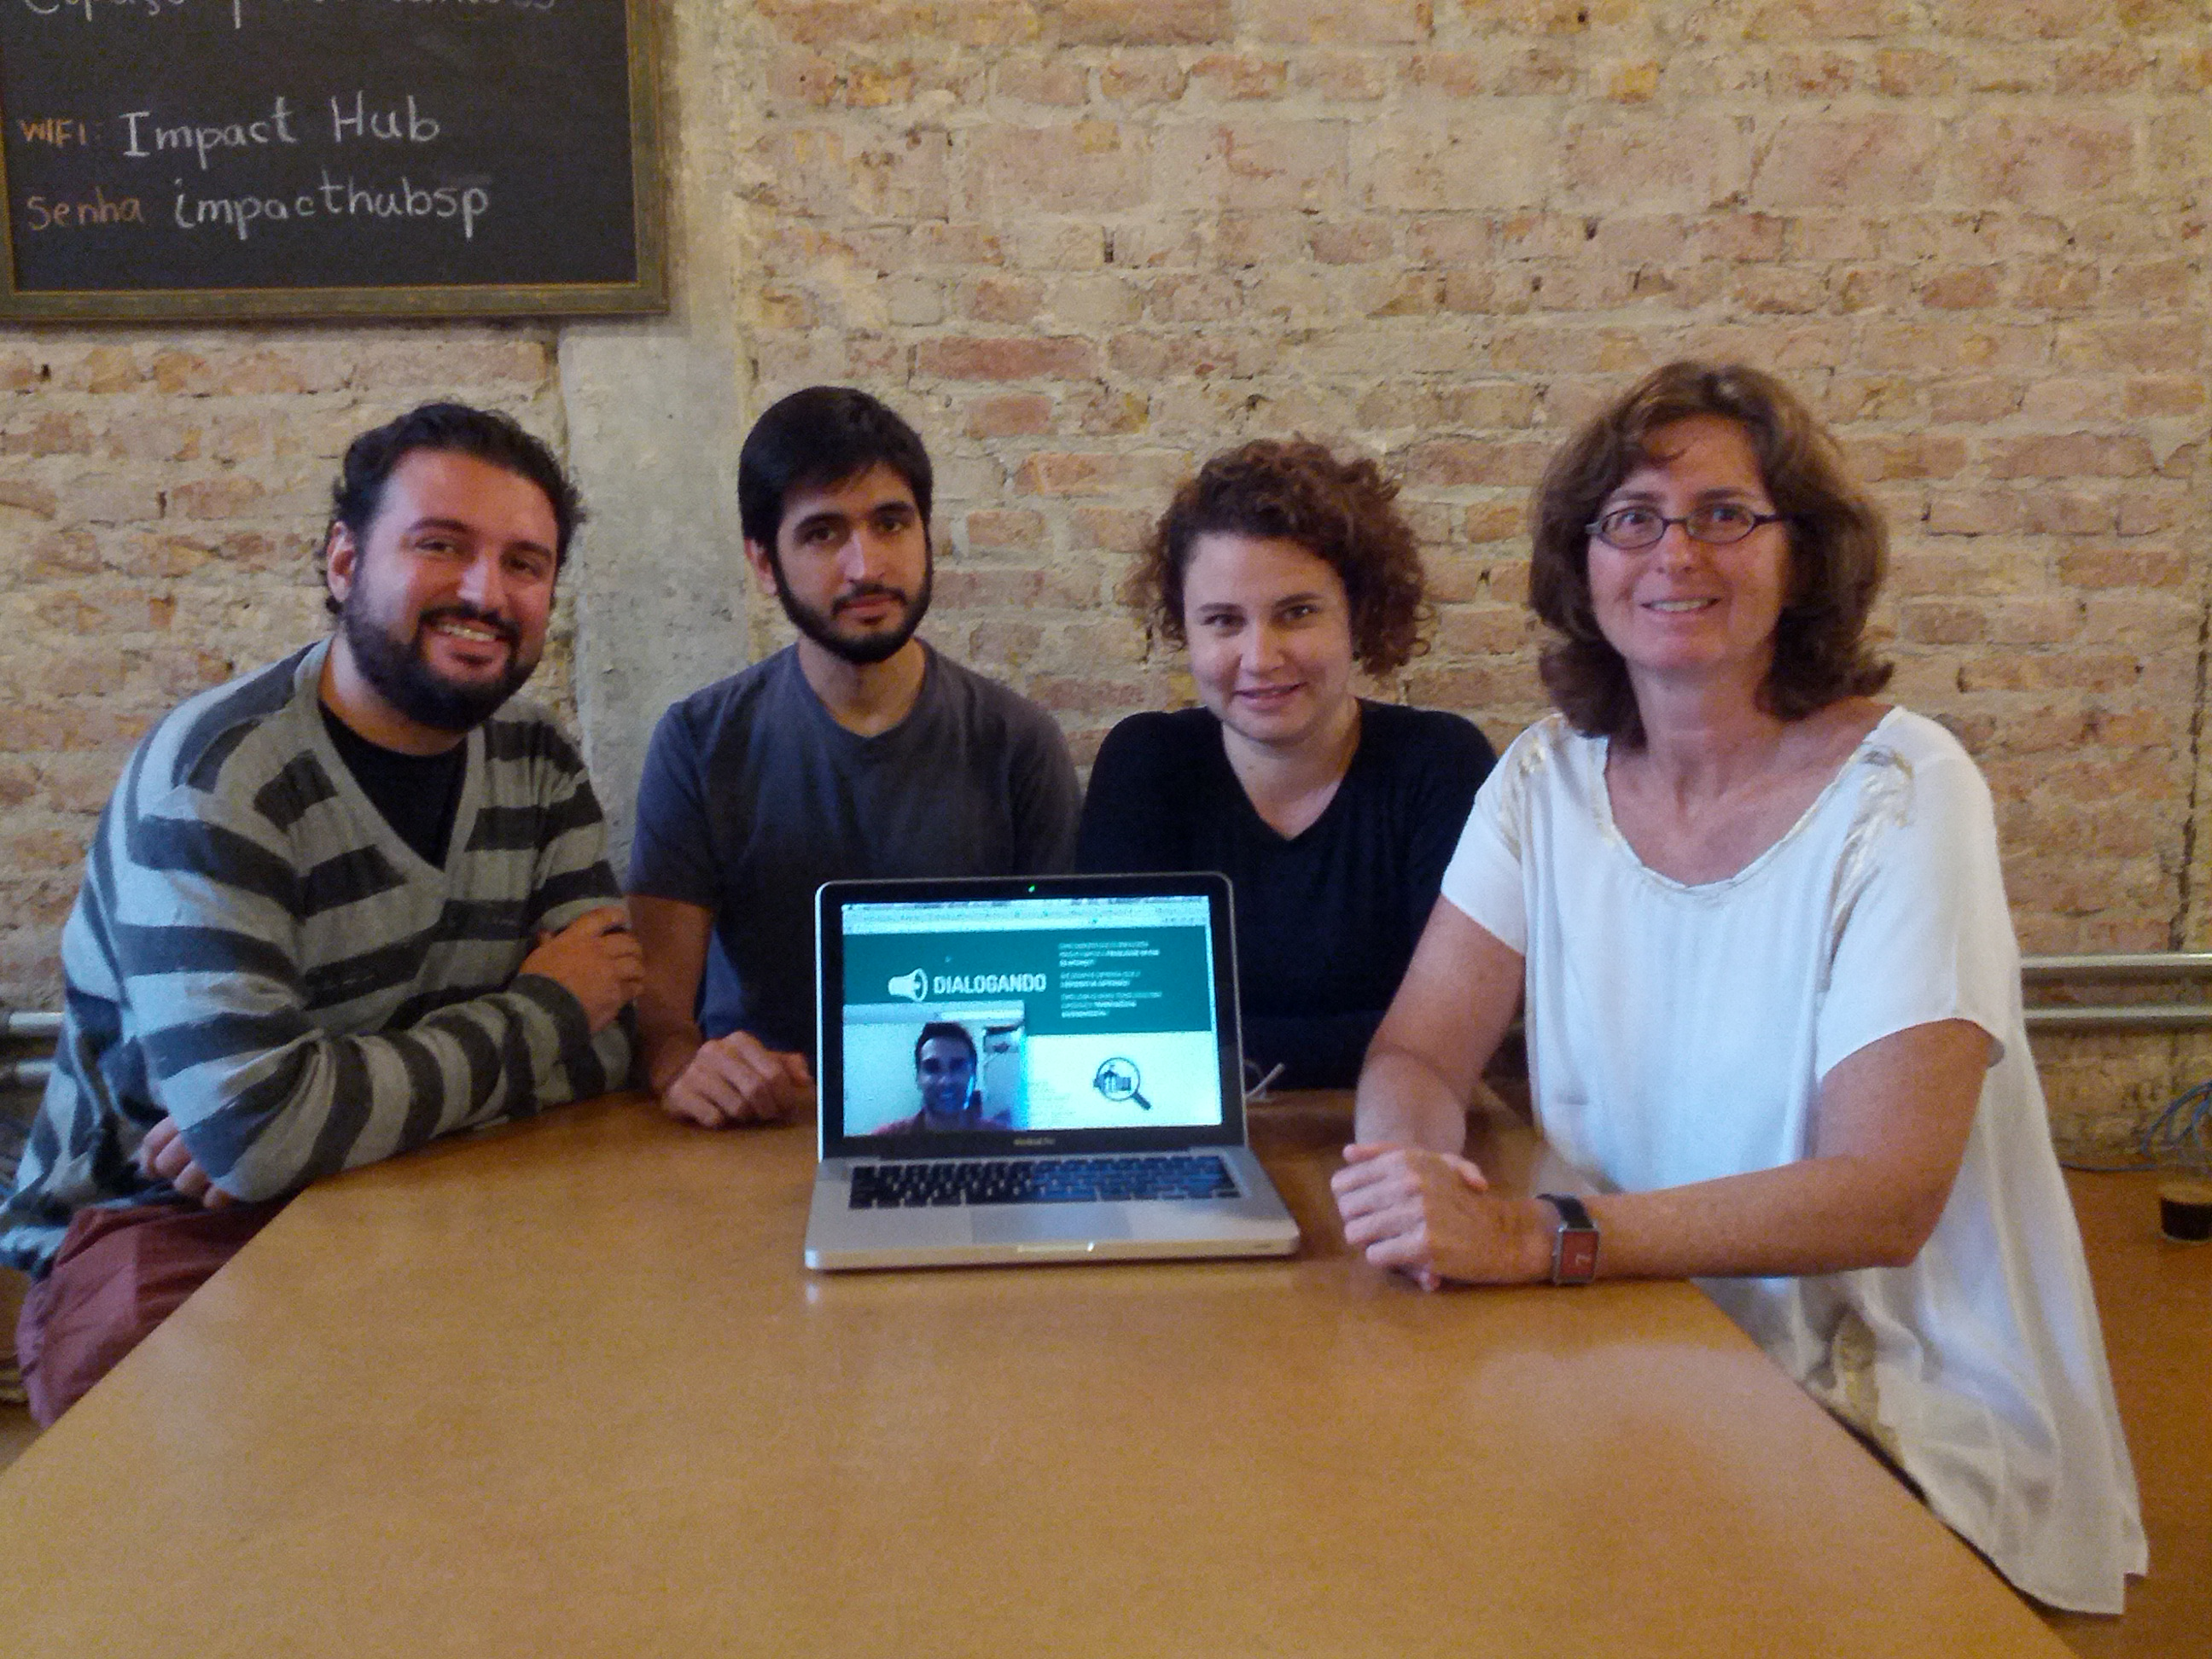 Reunião da equipe do projeto Dialogando: Tom, Edgar, Ruan (no computador), Jamila e Heloisa